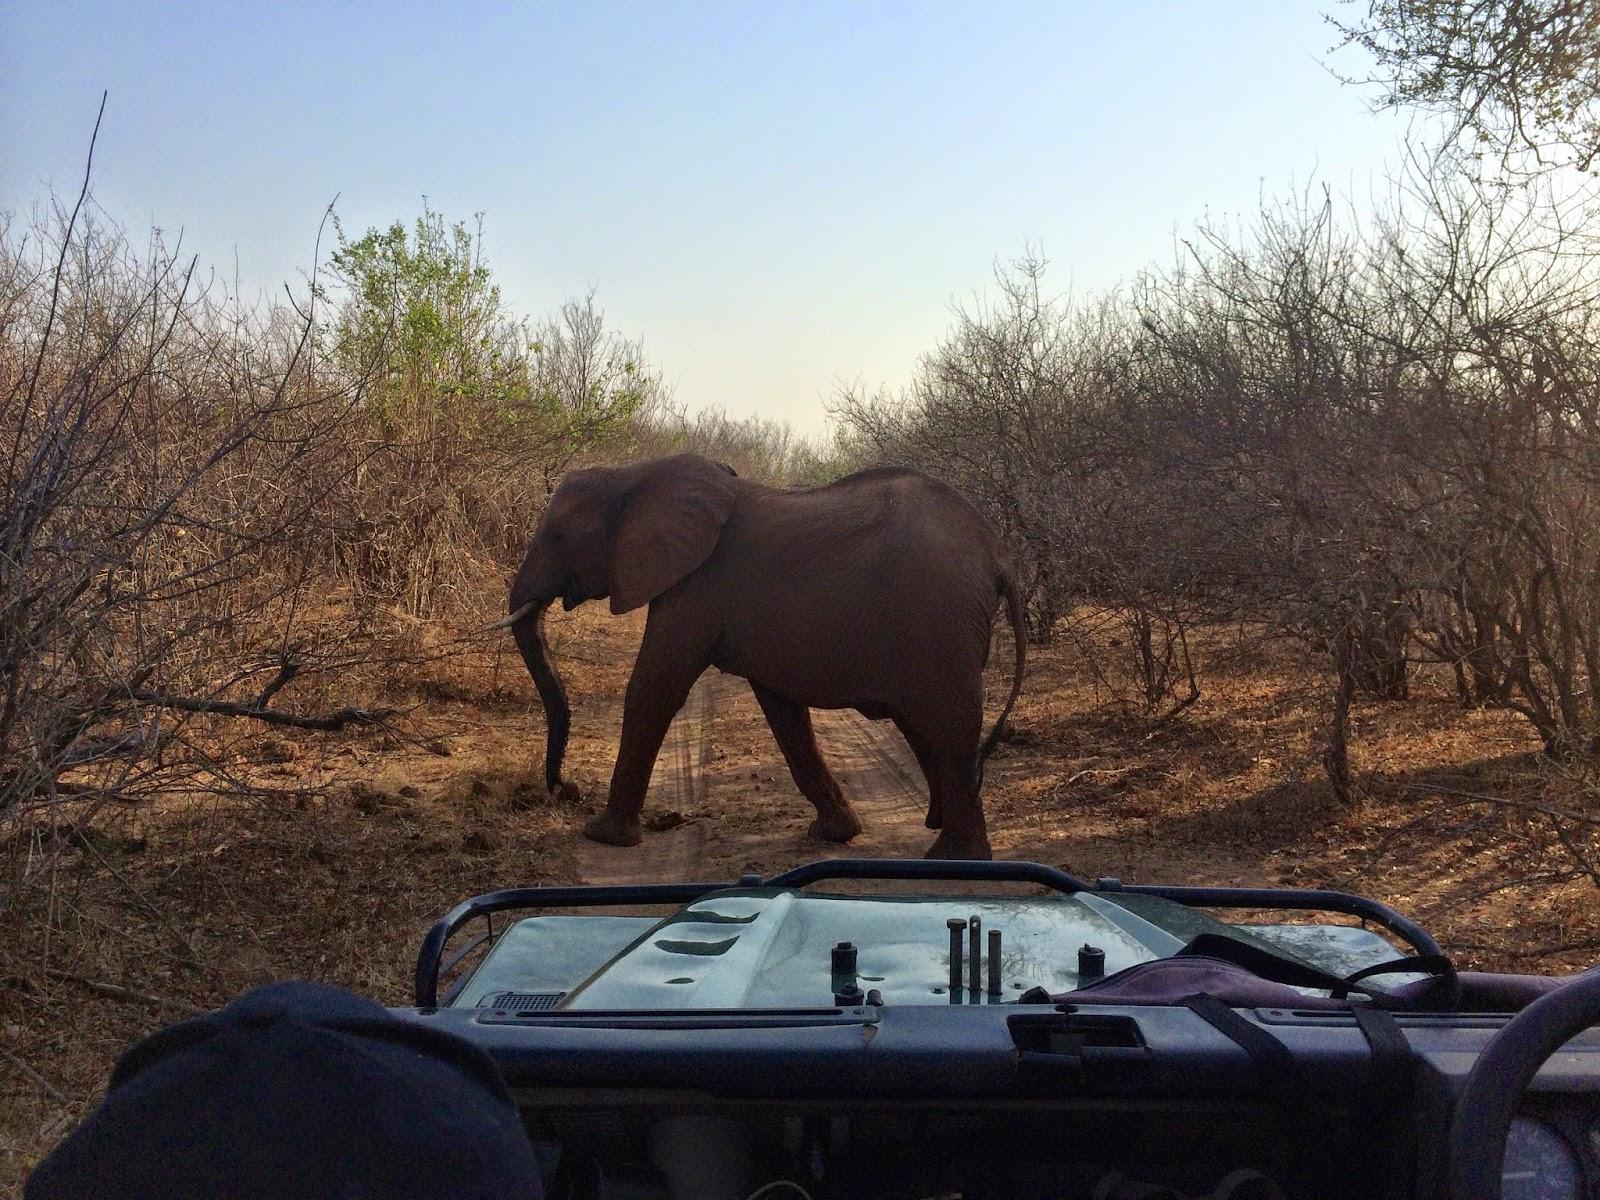 Elephant crossing - Matusadona National Park, Zimbabwe